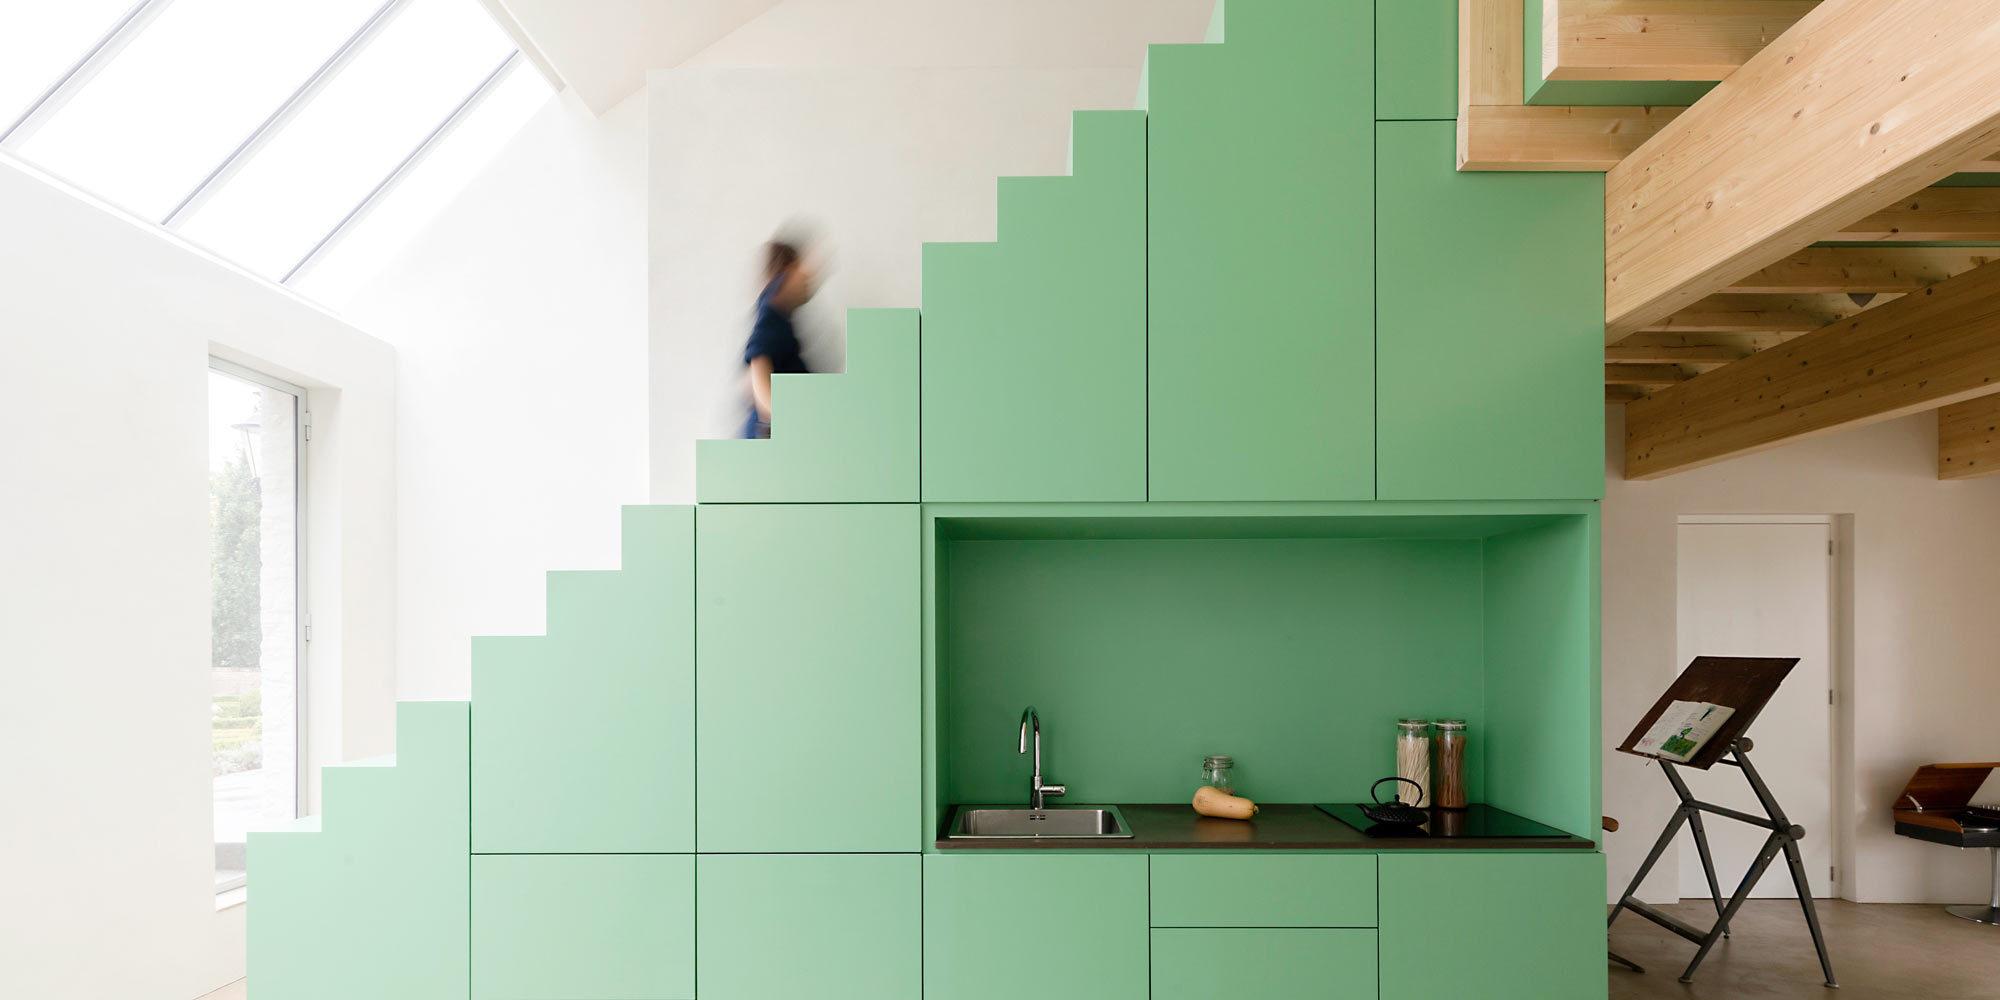 De Nieuwe Context verwandelte das ehemalige Atelier des Glasmalers Daan Wildschut mithilfe von Licht und Farbe in ein Apartment mit grünem Highlight.